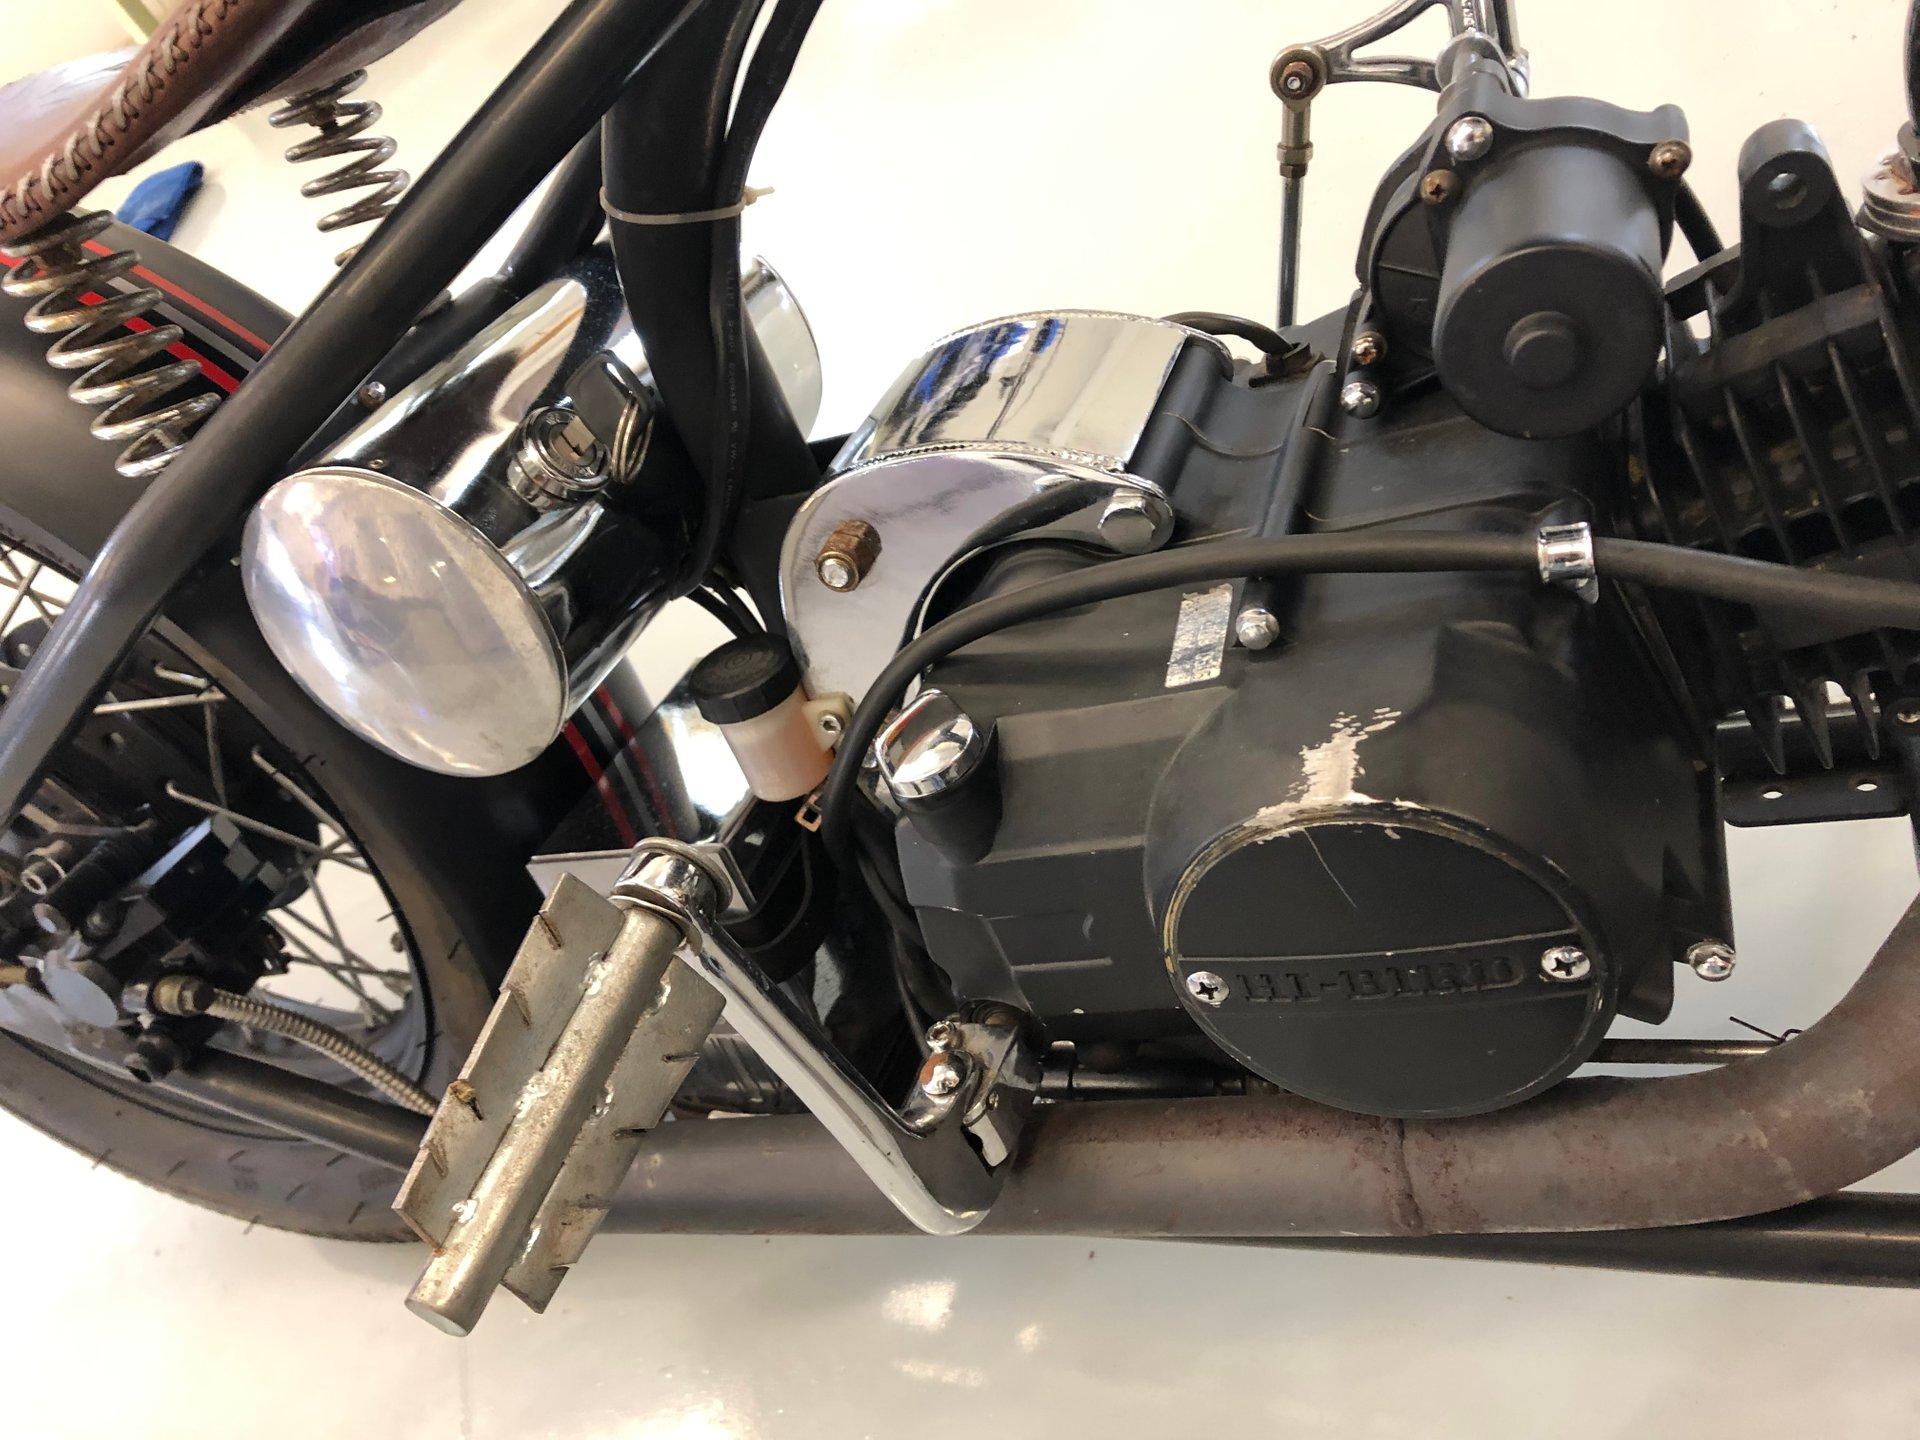 hight resolution of kikker 5150 street dreams kikker 5150 wiring harness